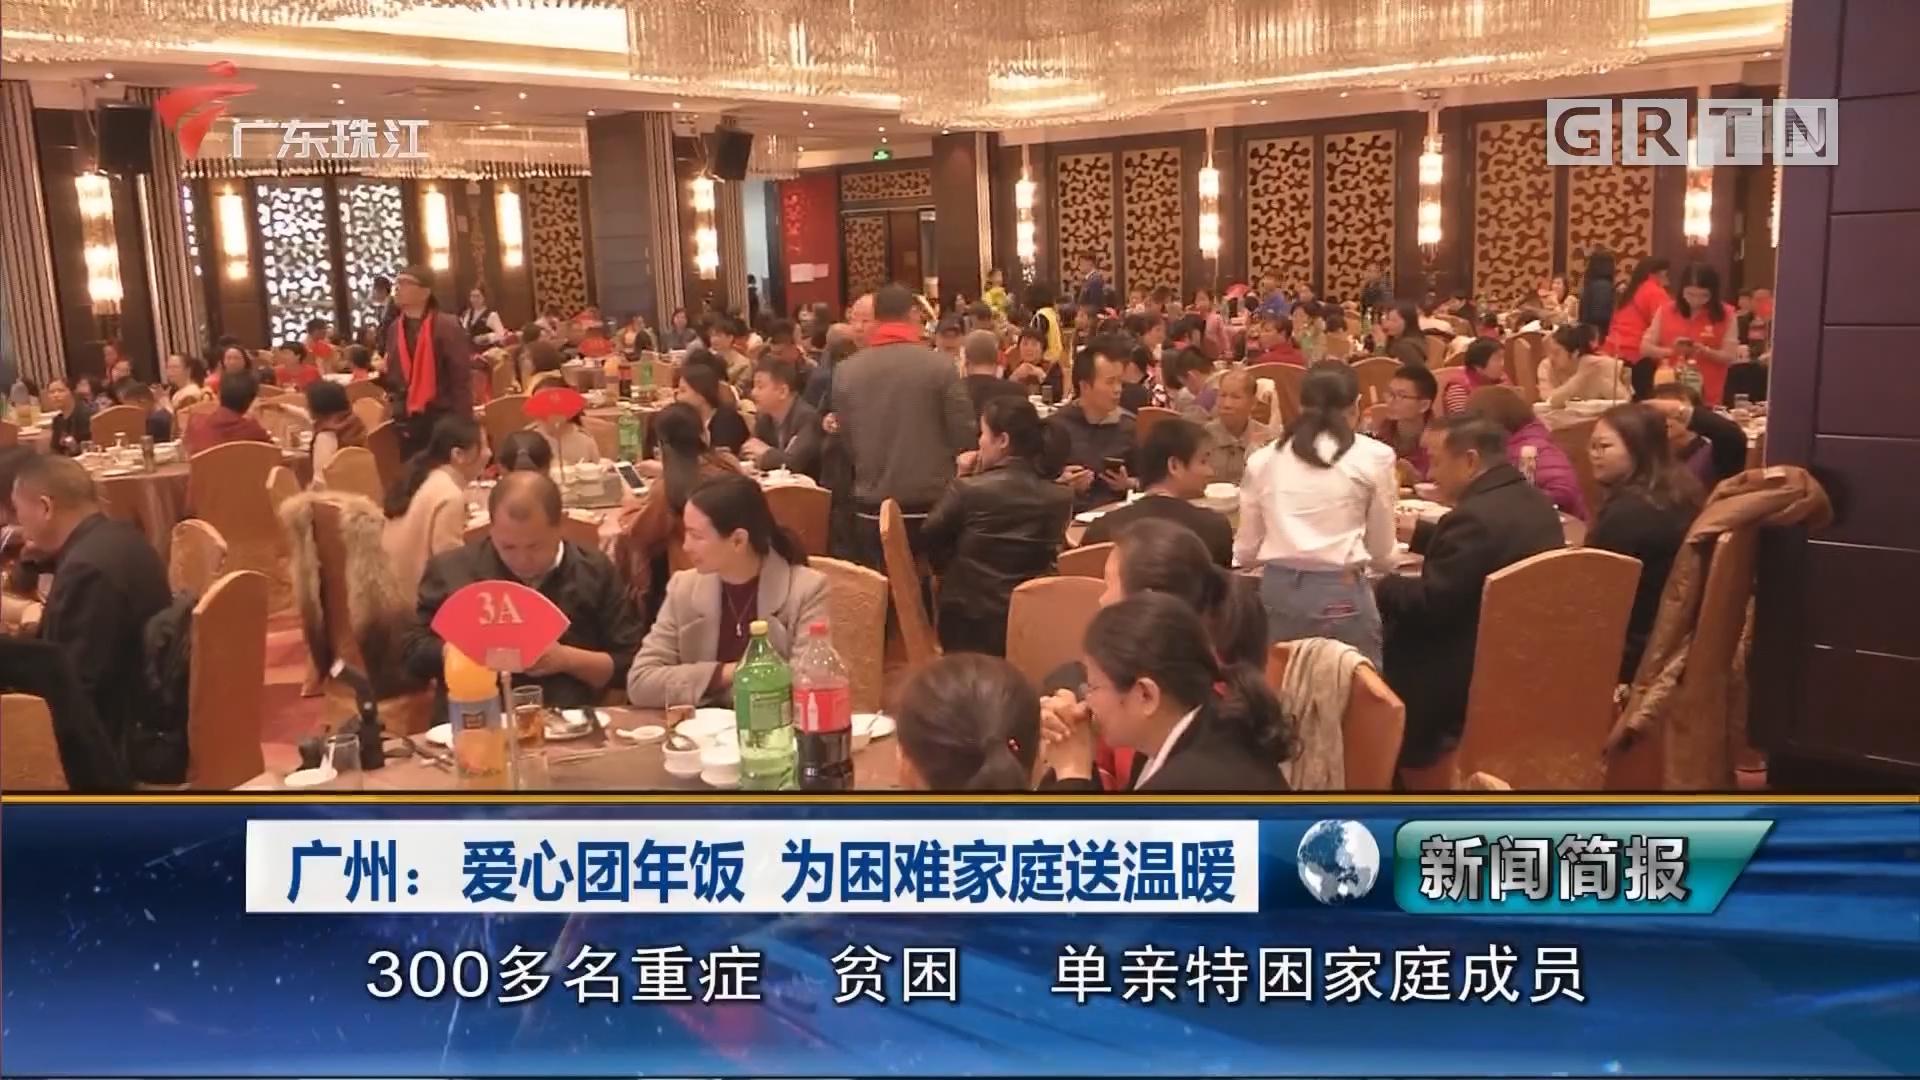 广州:爱心团年饭 为困难家庭送温暖